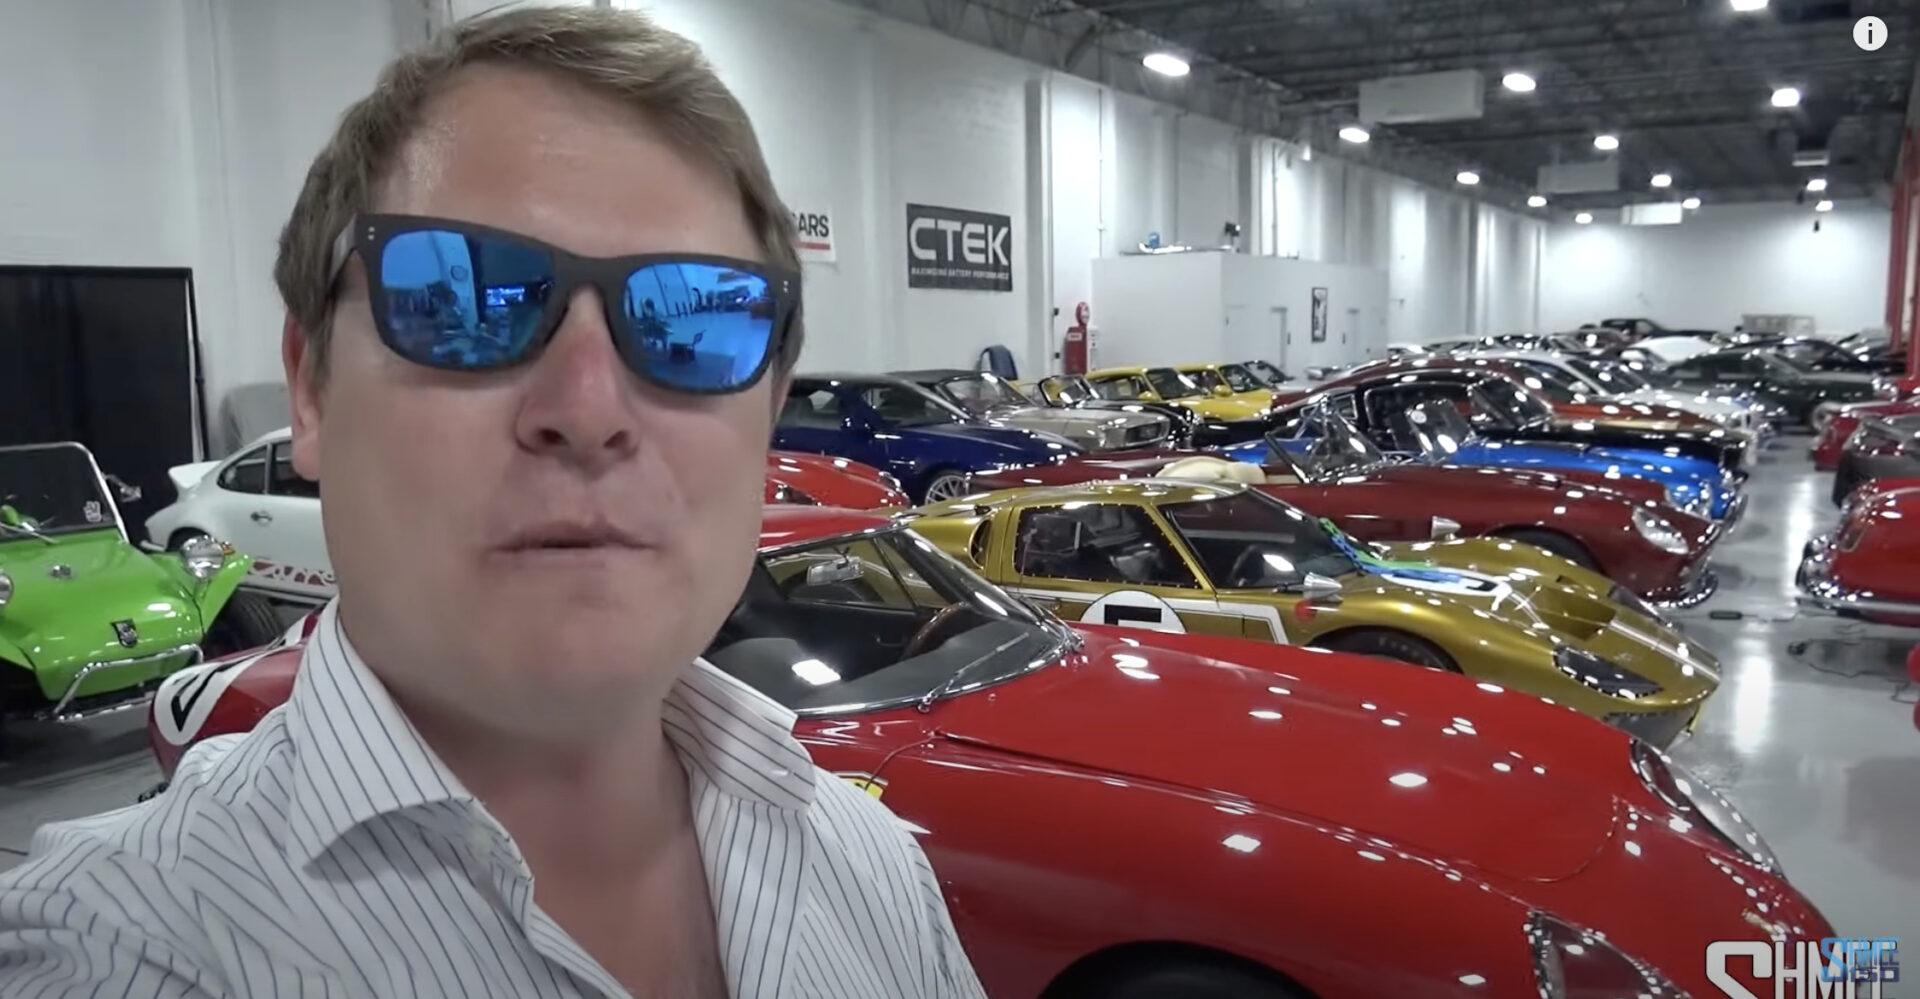 その総額は数百億円?過去から現代に至るまで名車、レアカー、スーパーカーを取り揃える驚異のショップ